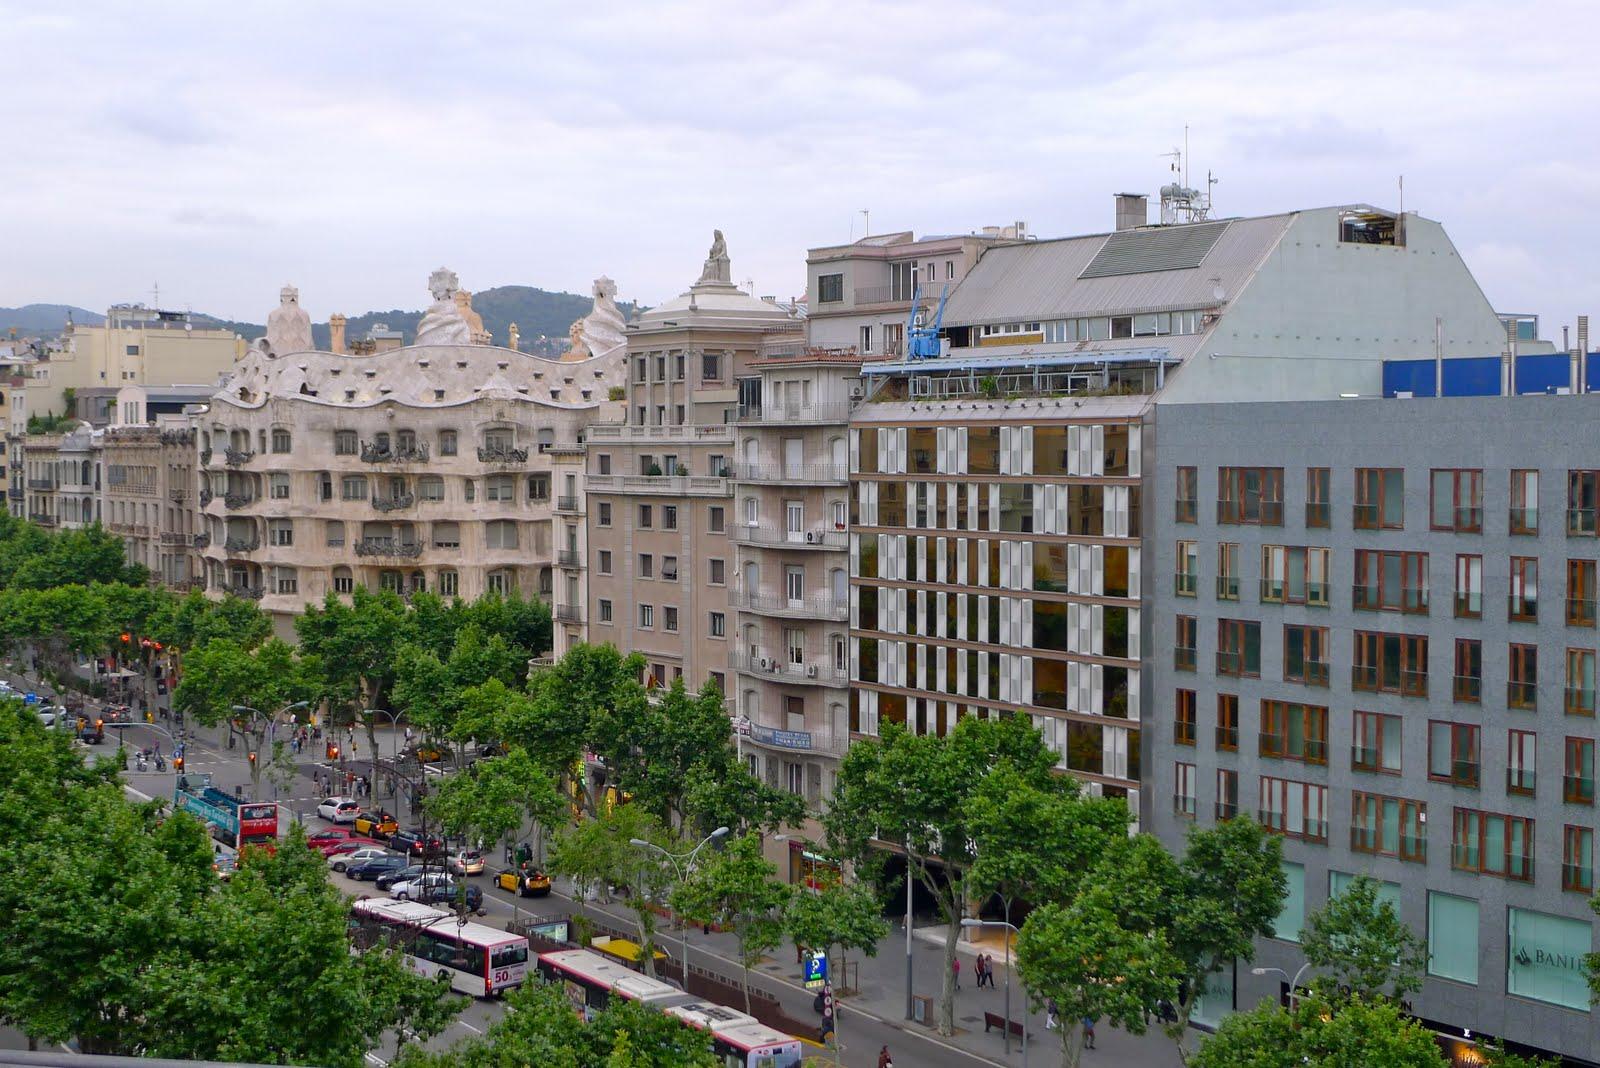 es decir copichuelas y si quieres aadirle unas vistas de barcelona entonces ven conmigo a la terraza del hotel condes de barcelona en